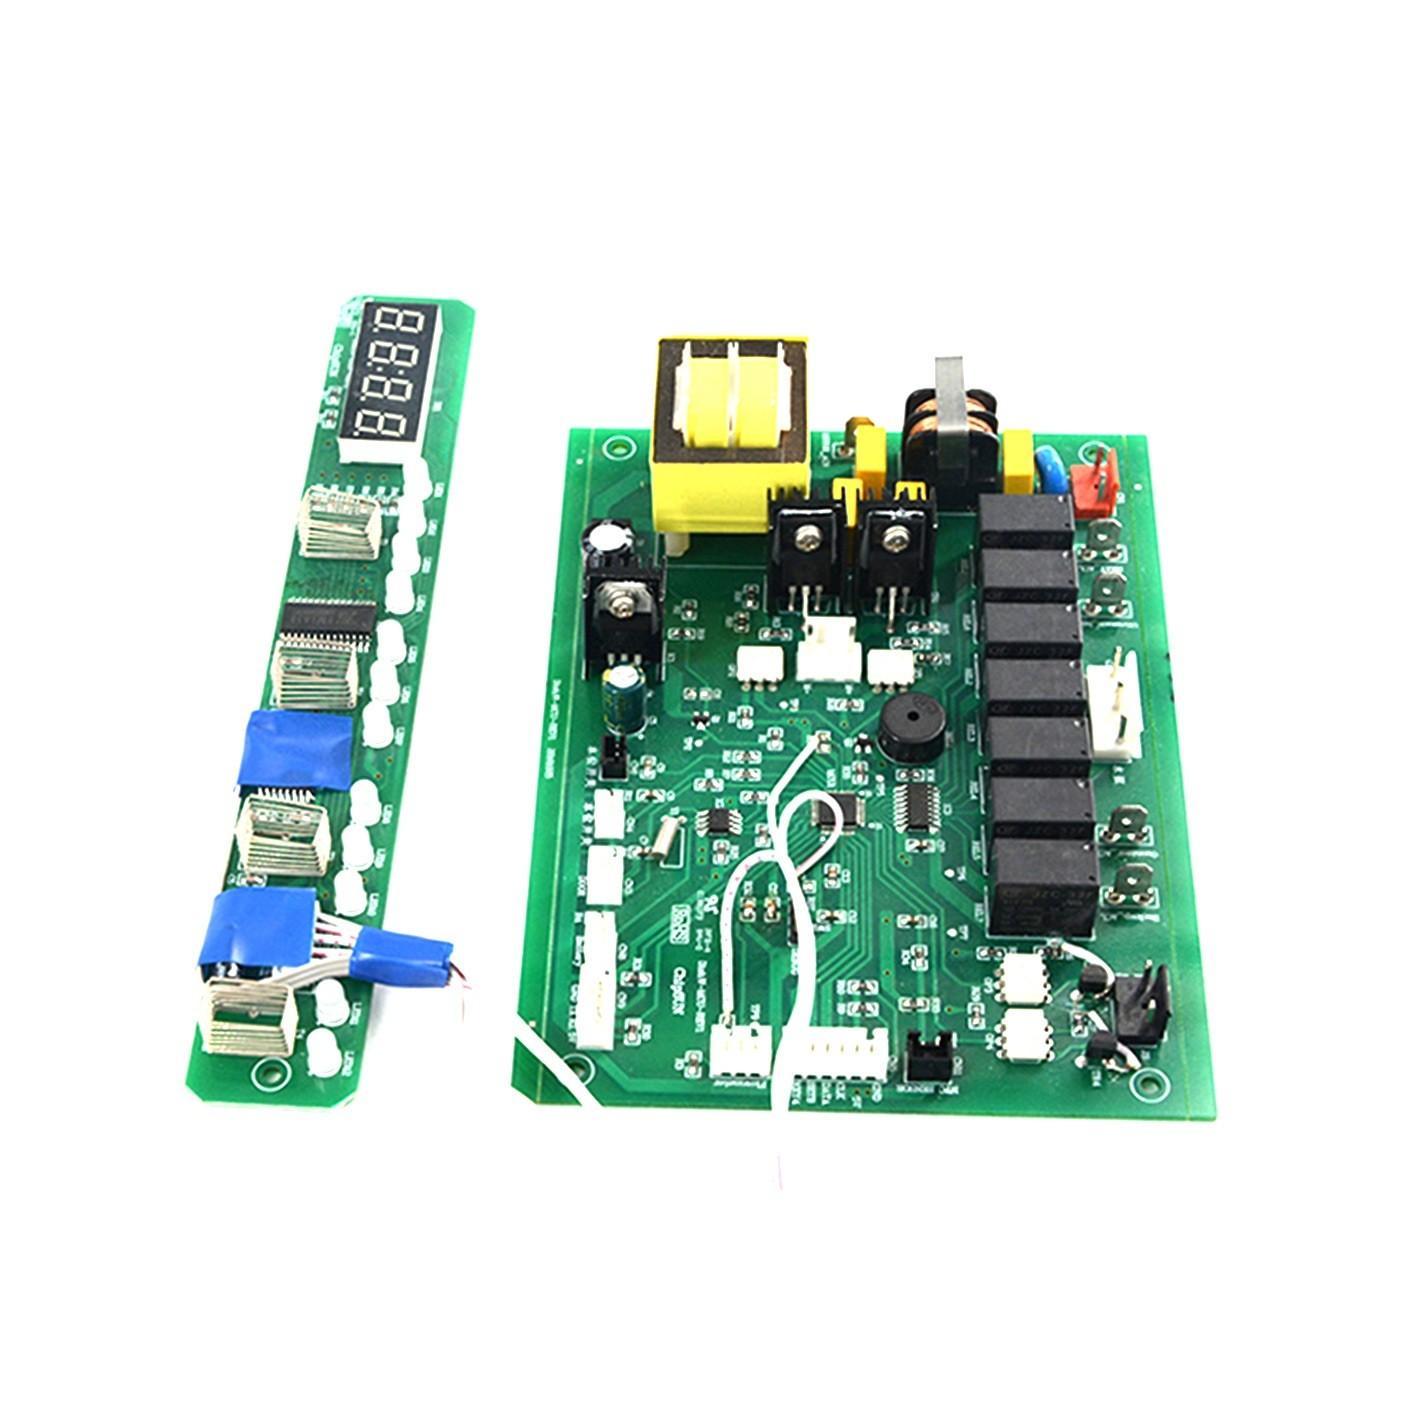 机顶盒主板PCBA单片机开发